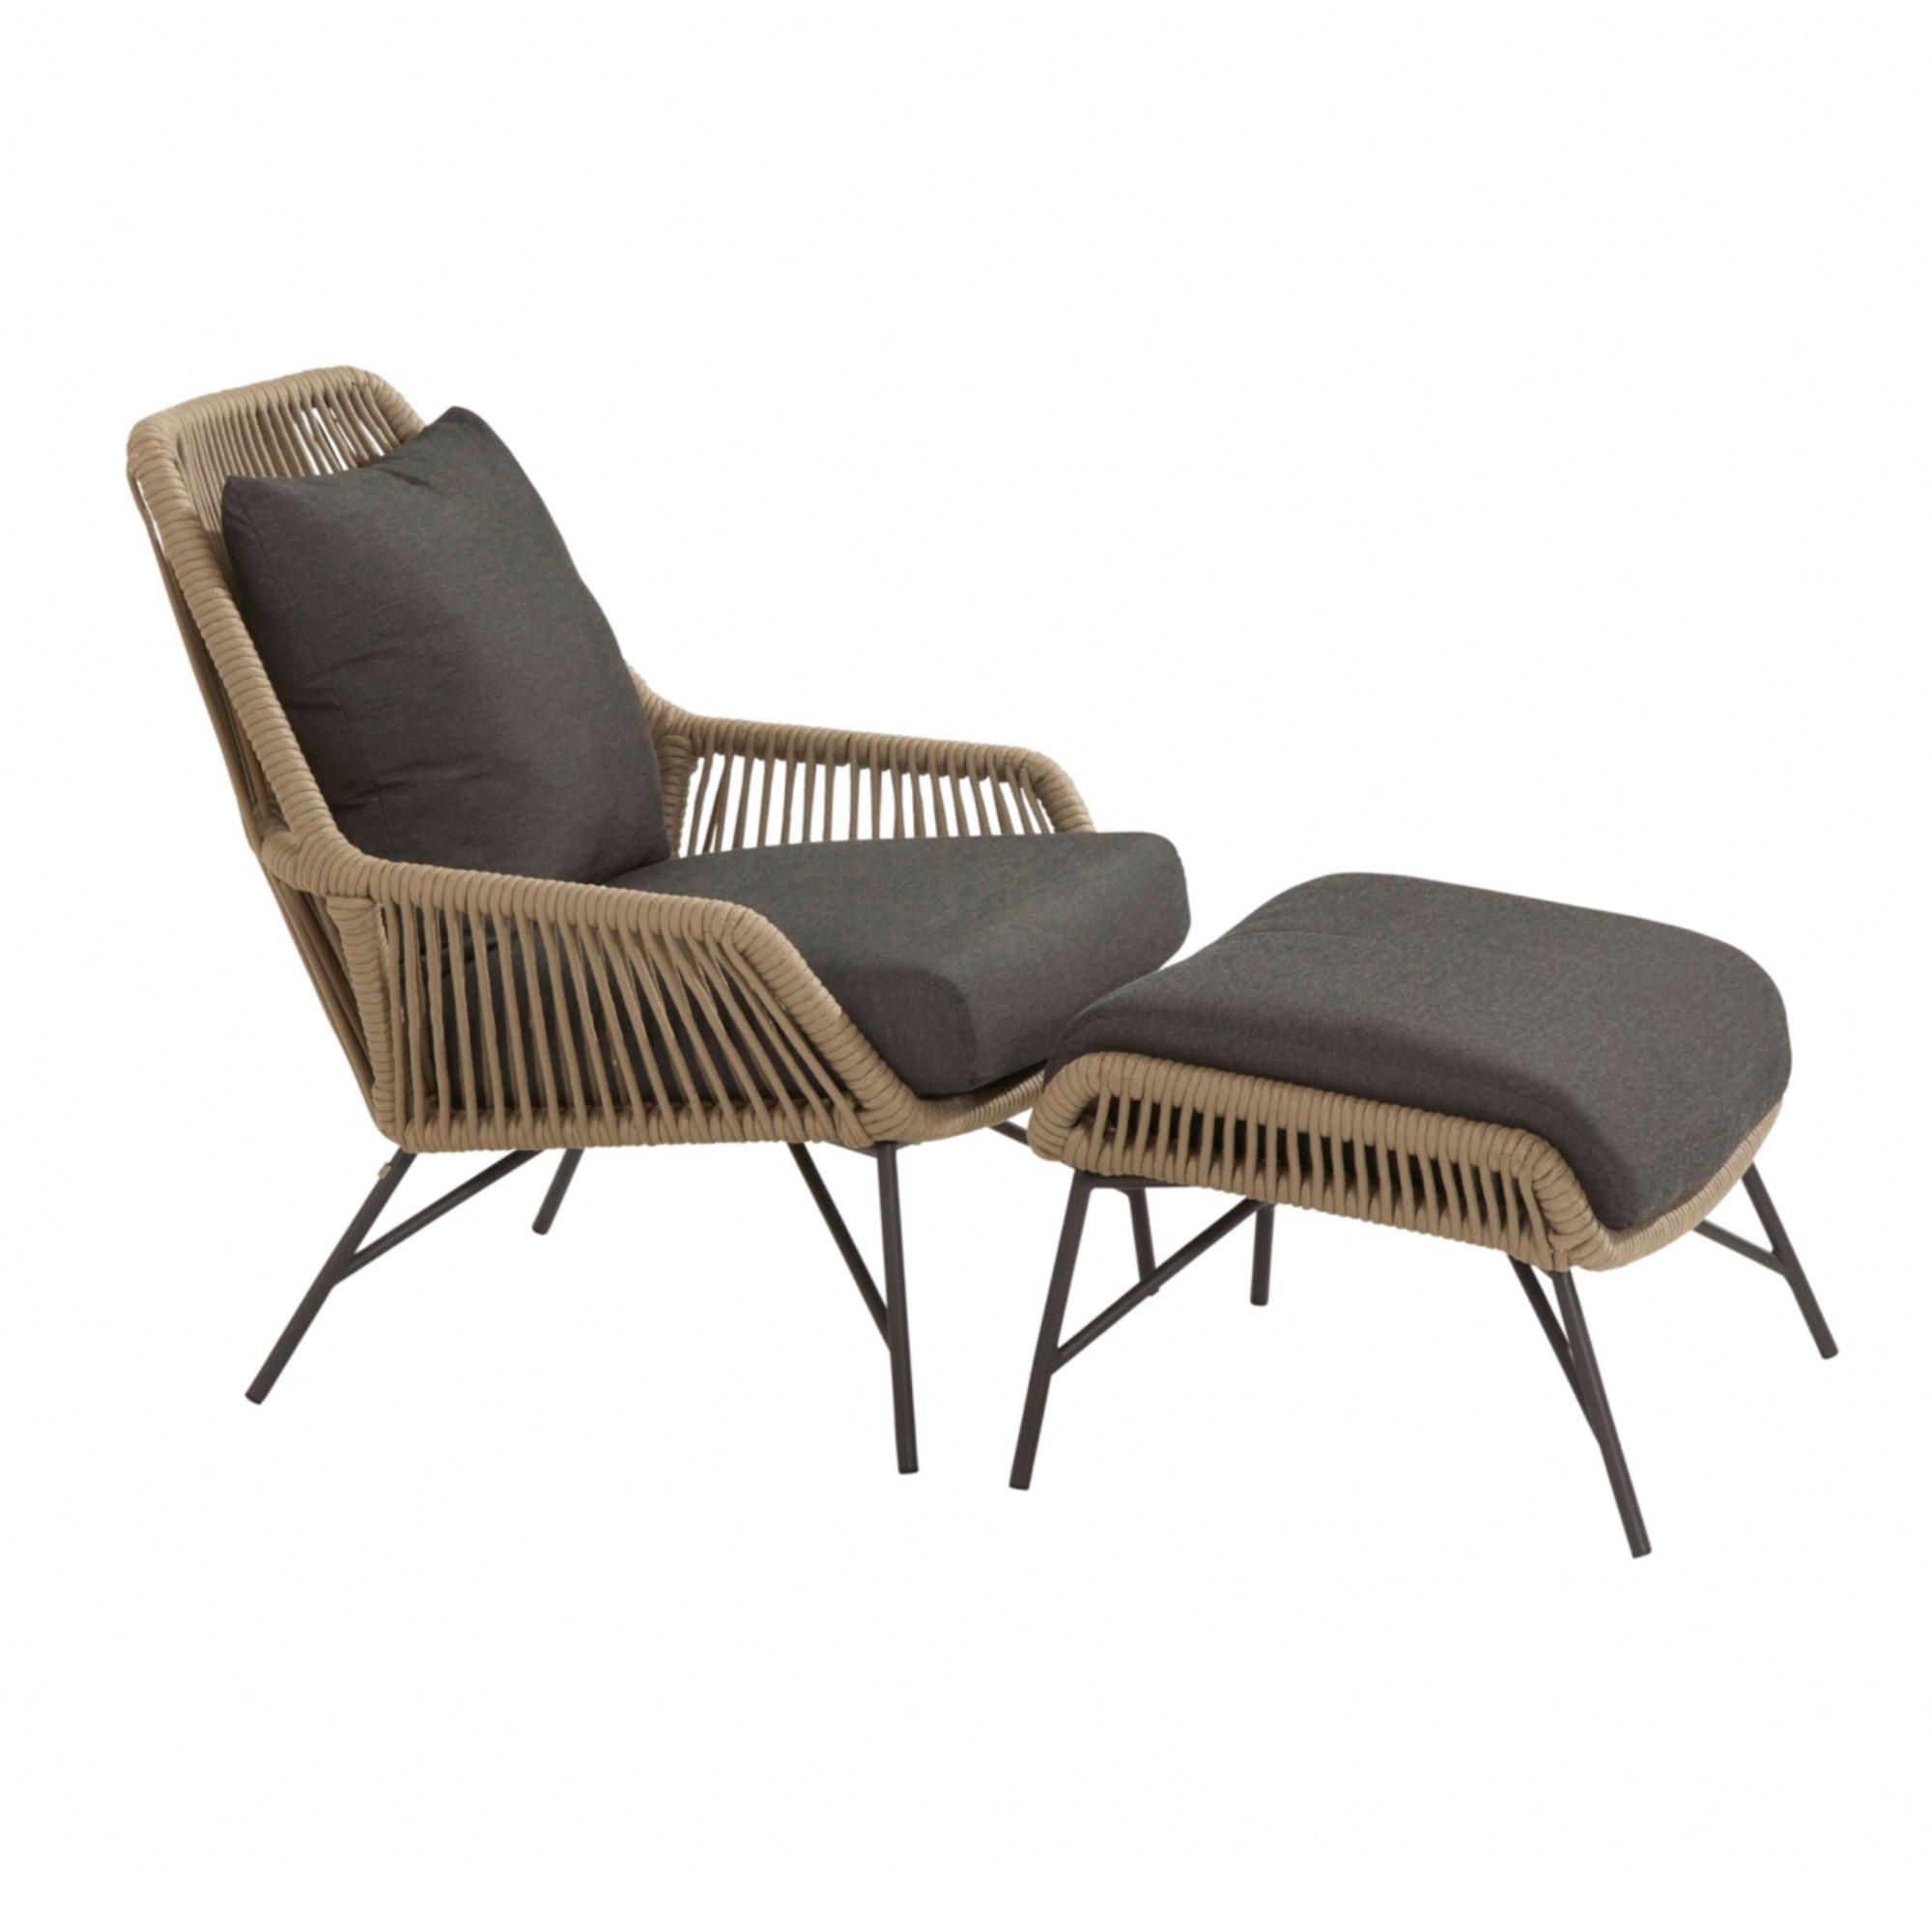 4 Seasons Ramblas Sofa Set W/Cushions - Taupe